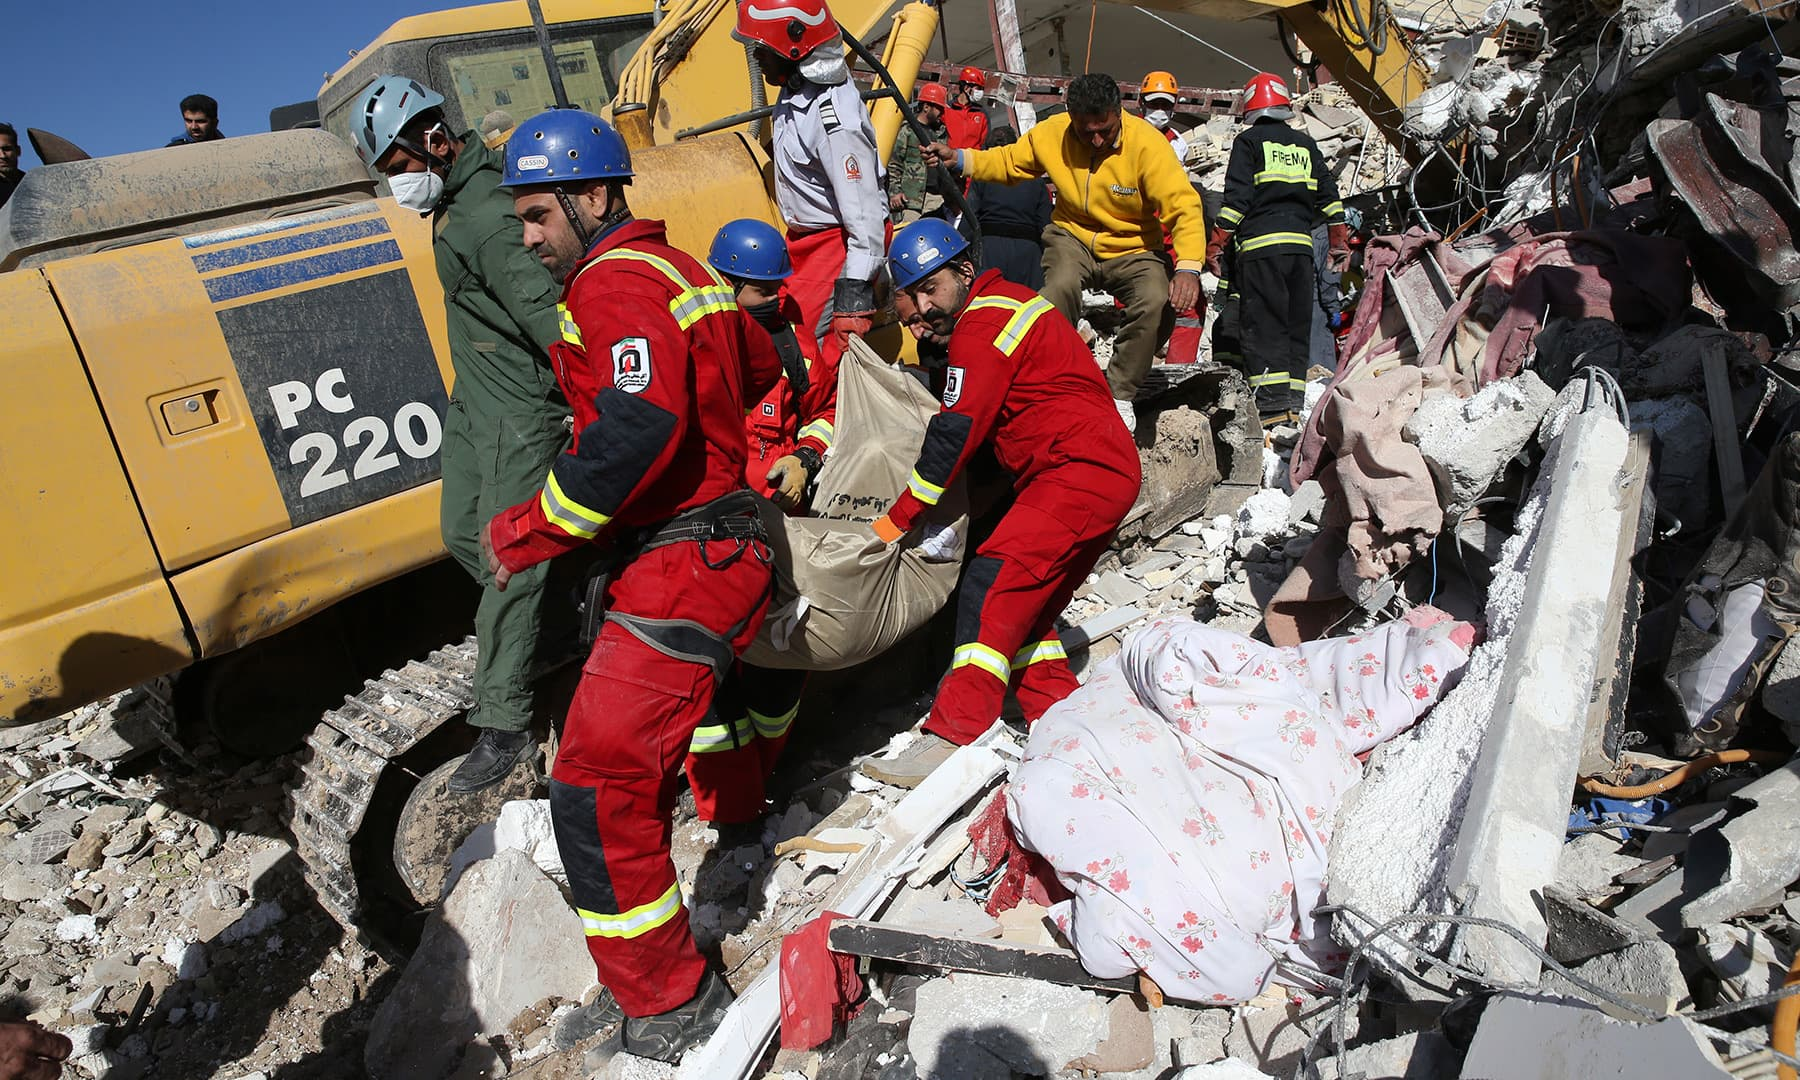 کرمانشاہ میں امدادی کارکن ملبے سے لاشیں نکال رہے ہیں۔ — فوٹو اے پی۔